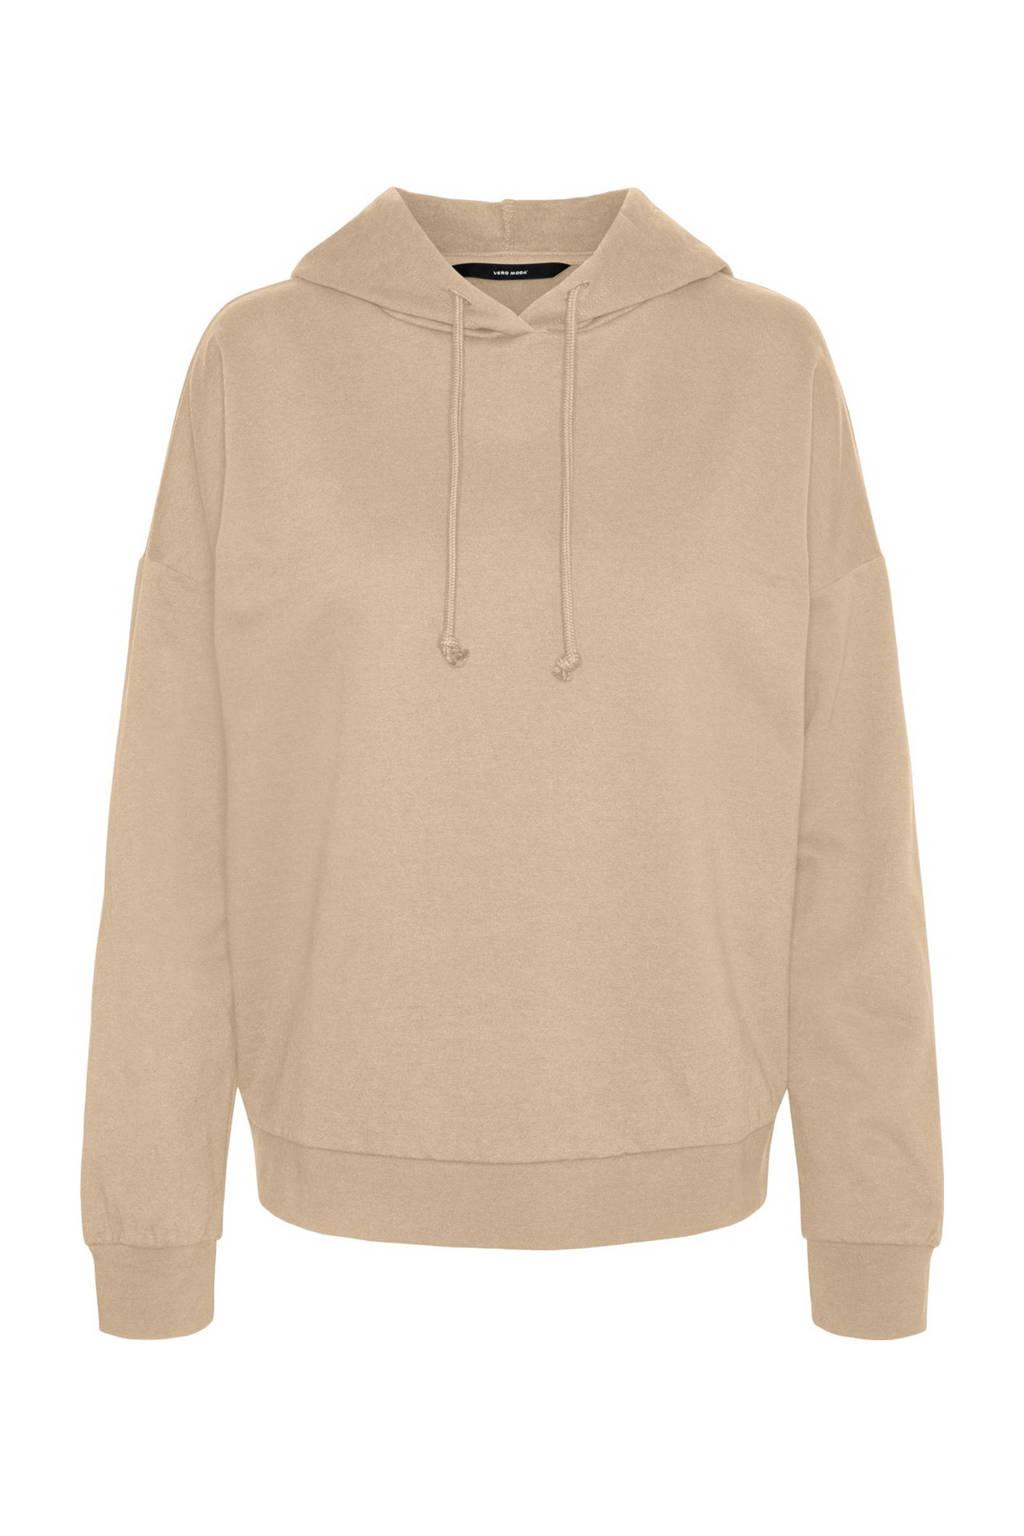 VERO MODA hoodie met biologisch katoen lichtbruin, Lichtbruin